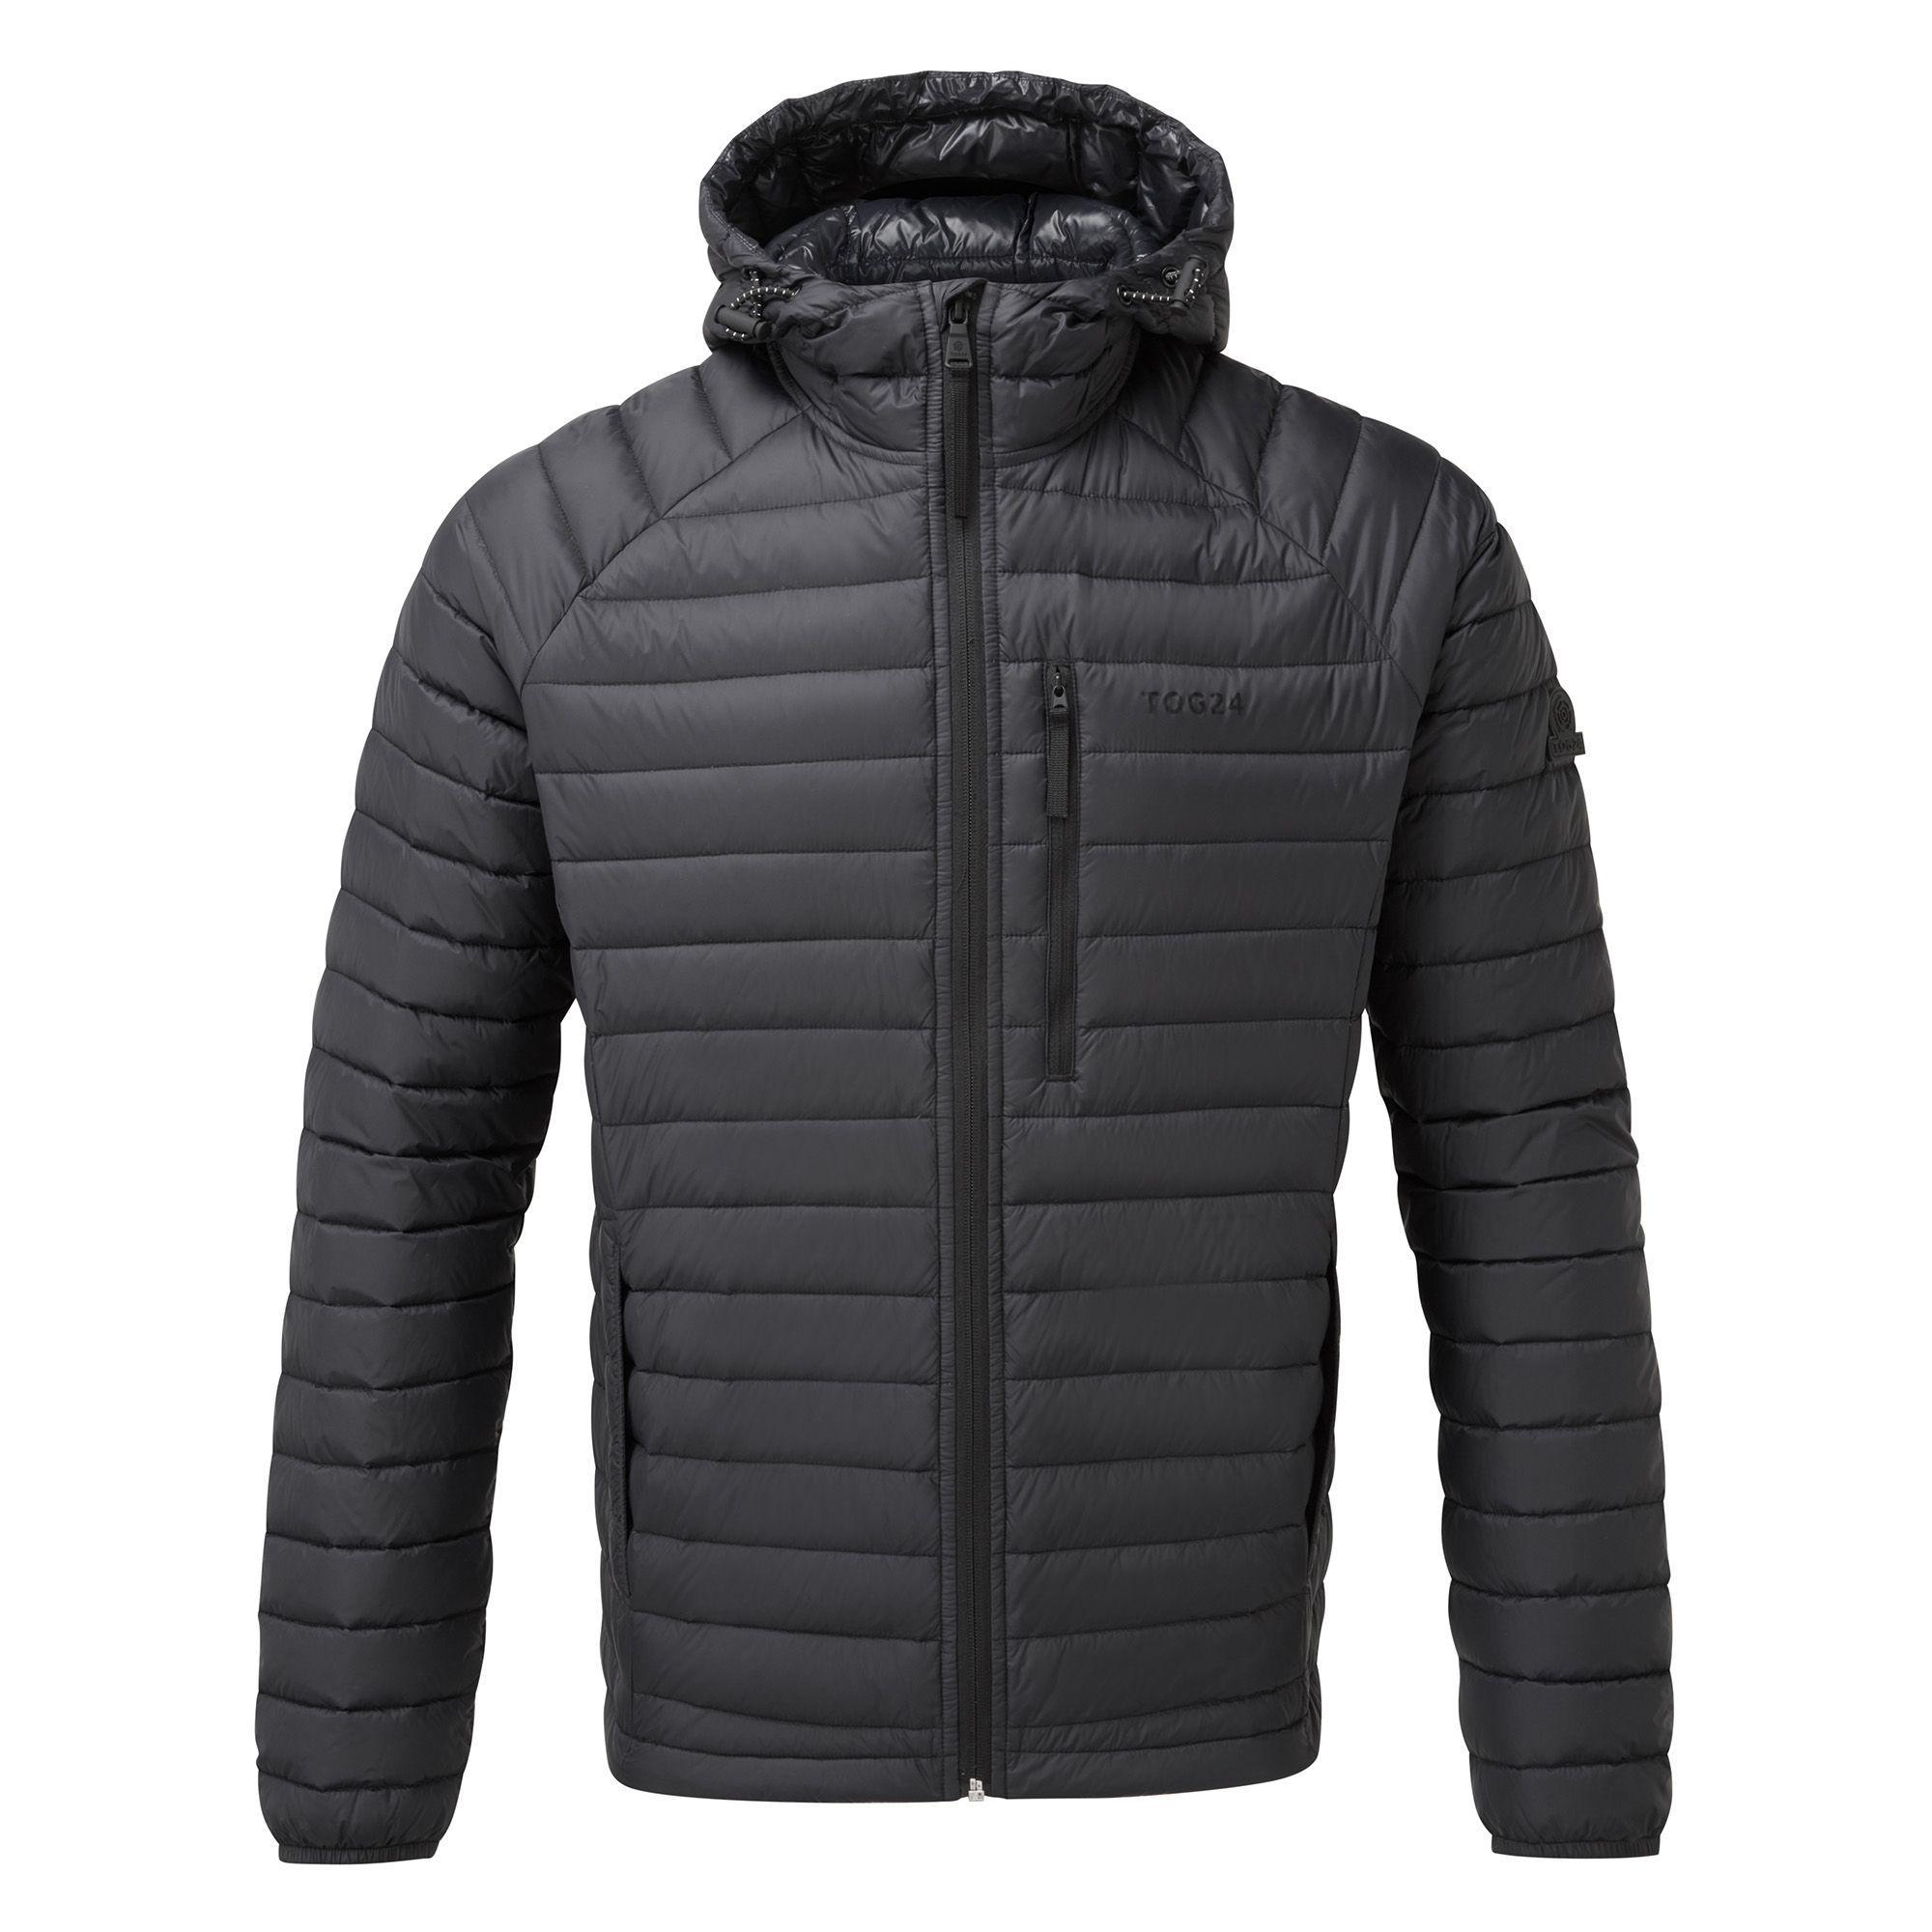 d27b86672d Tog 24 Black Beck Hooded Down Jacket in Black for Men - Lyst